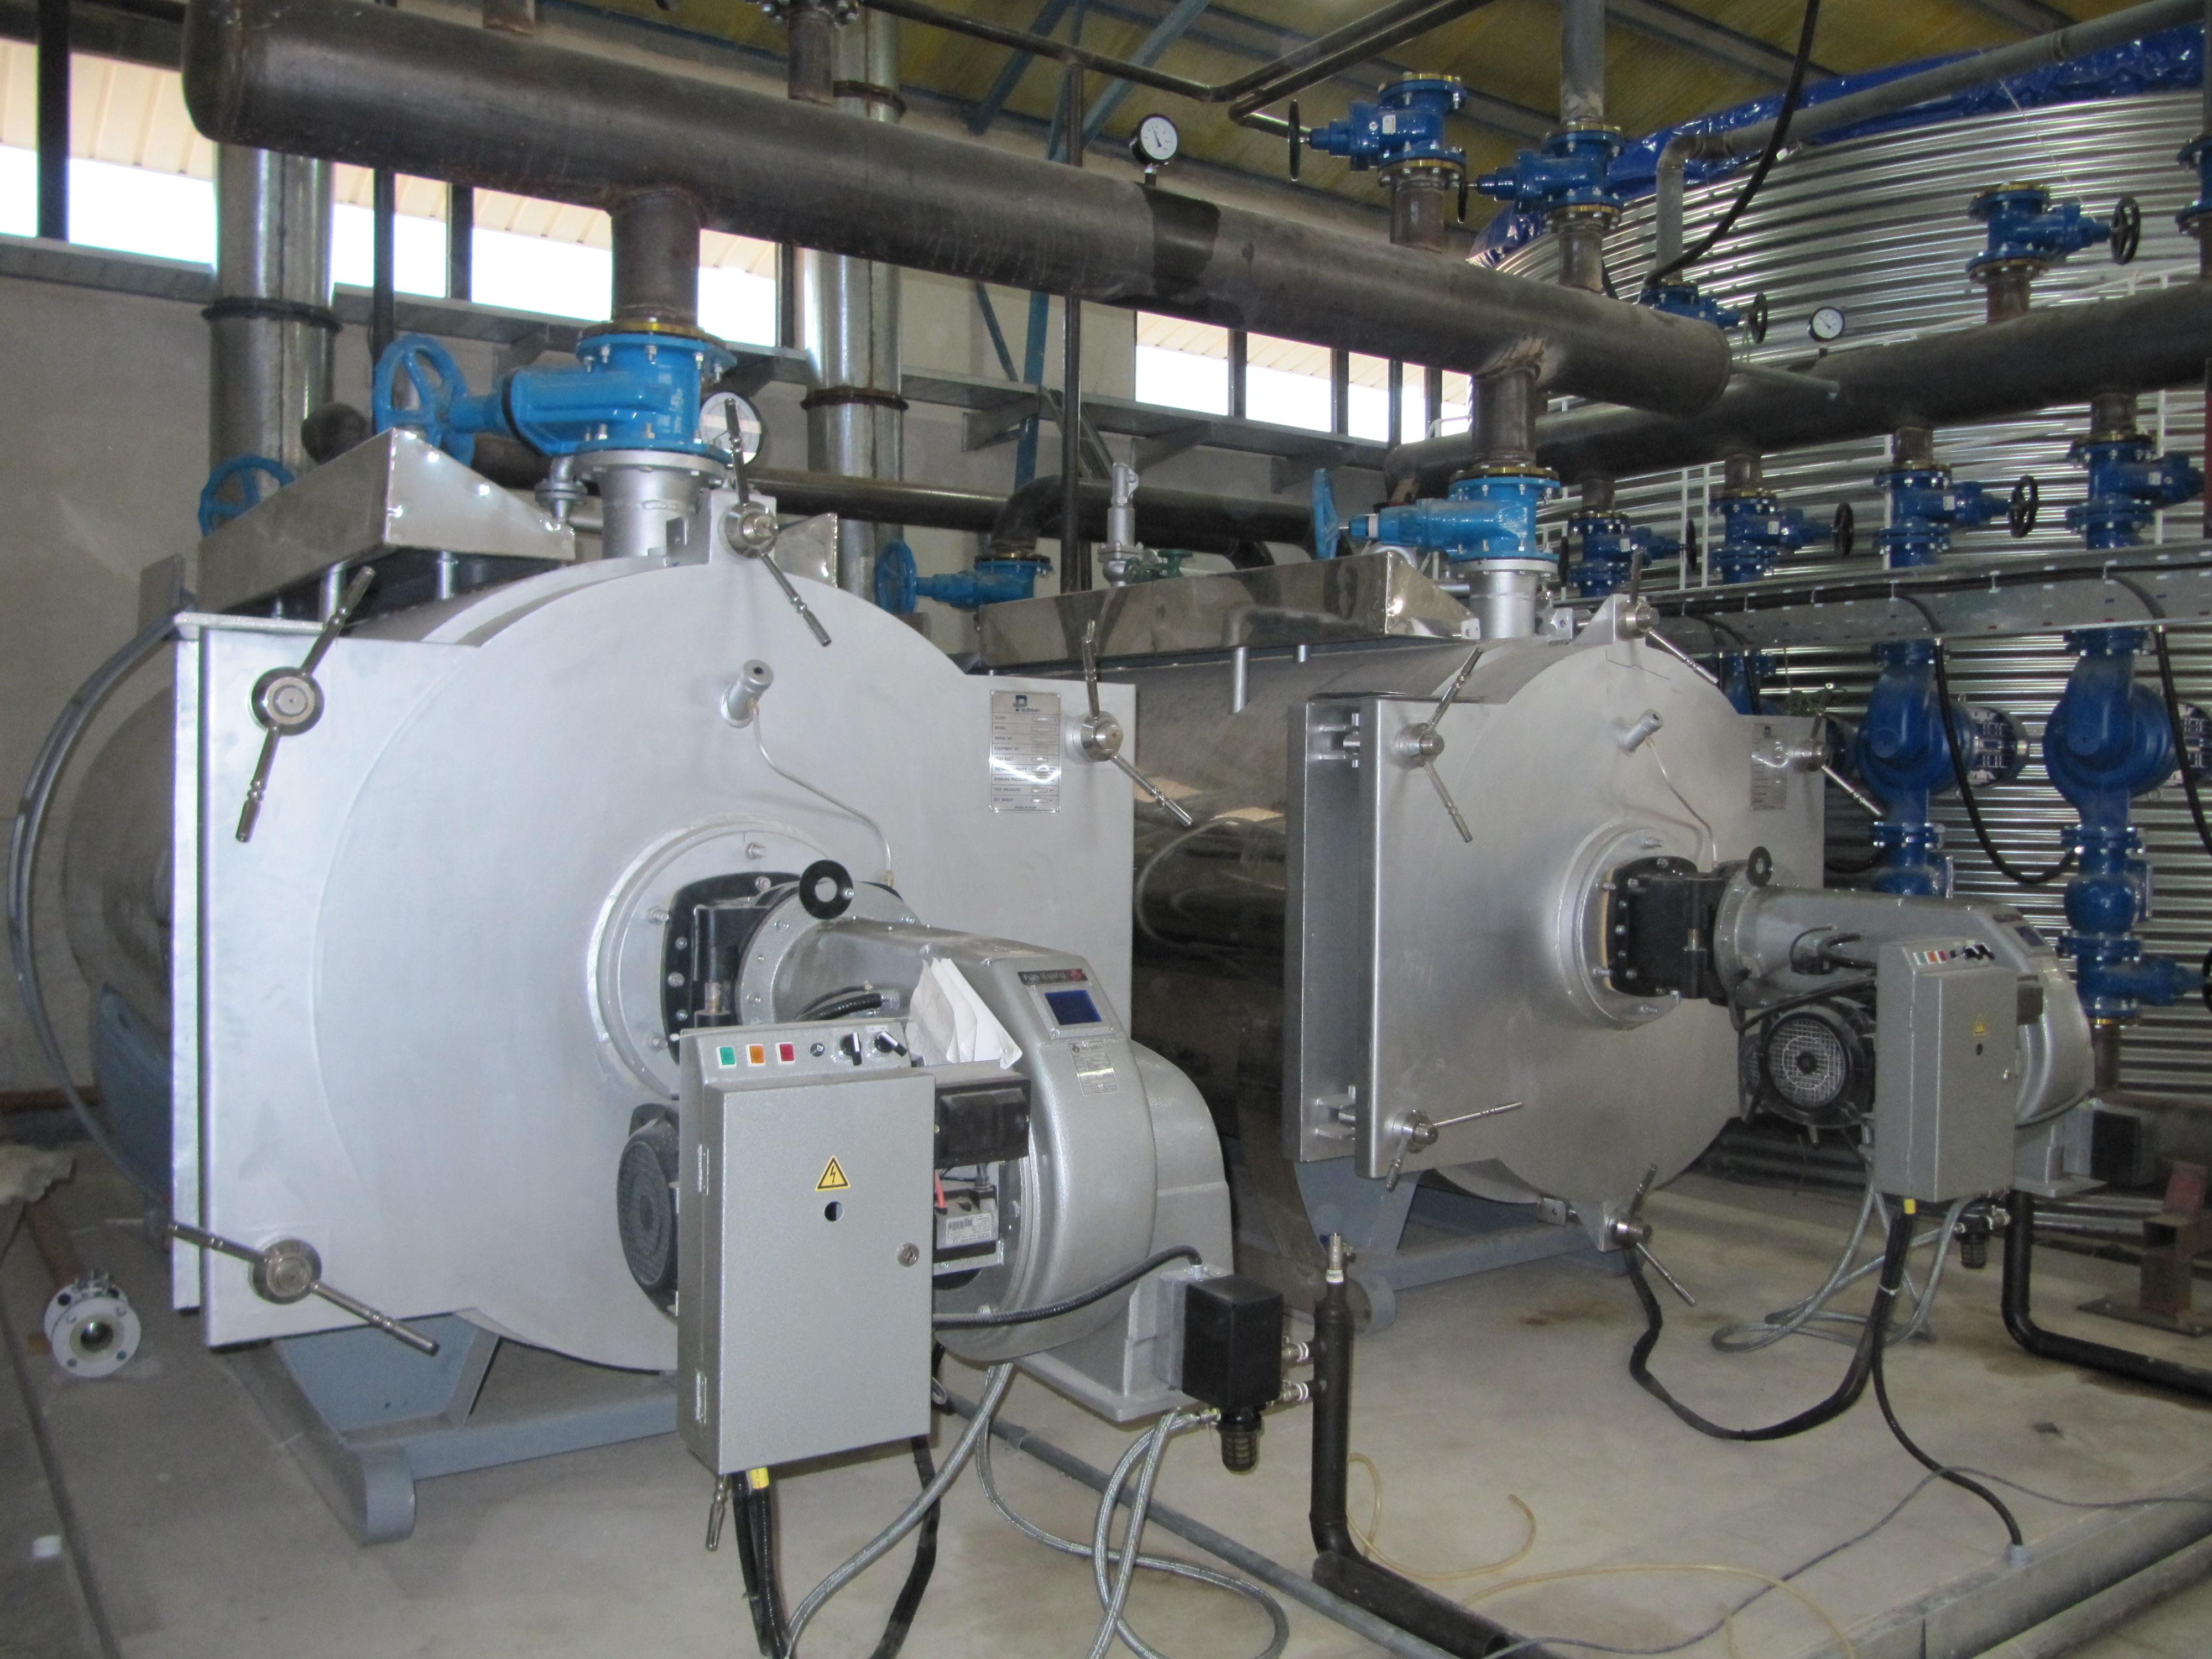 سیستم گرمایشی مرکزی (بویلر آب گرم)